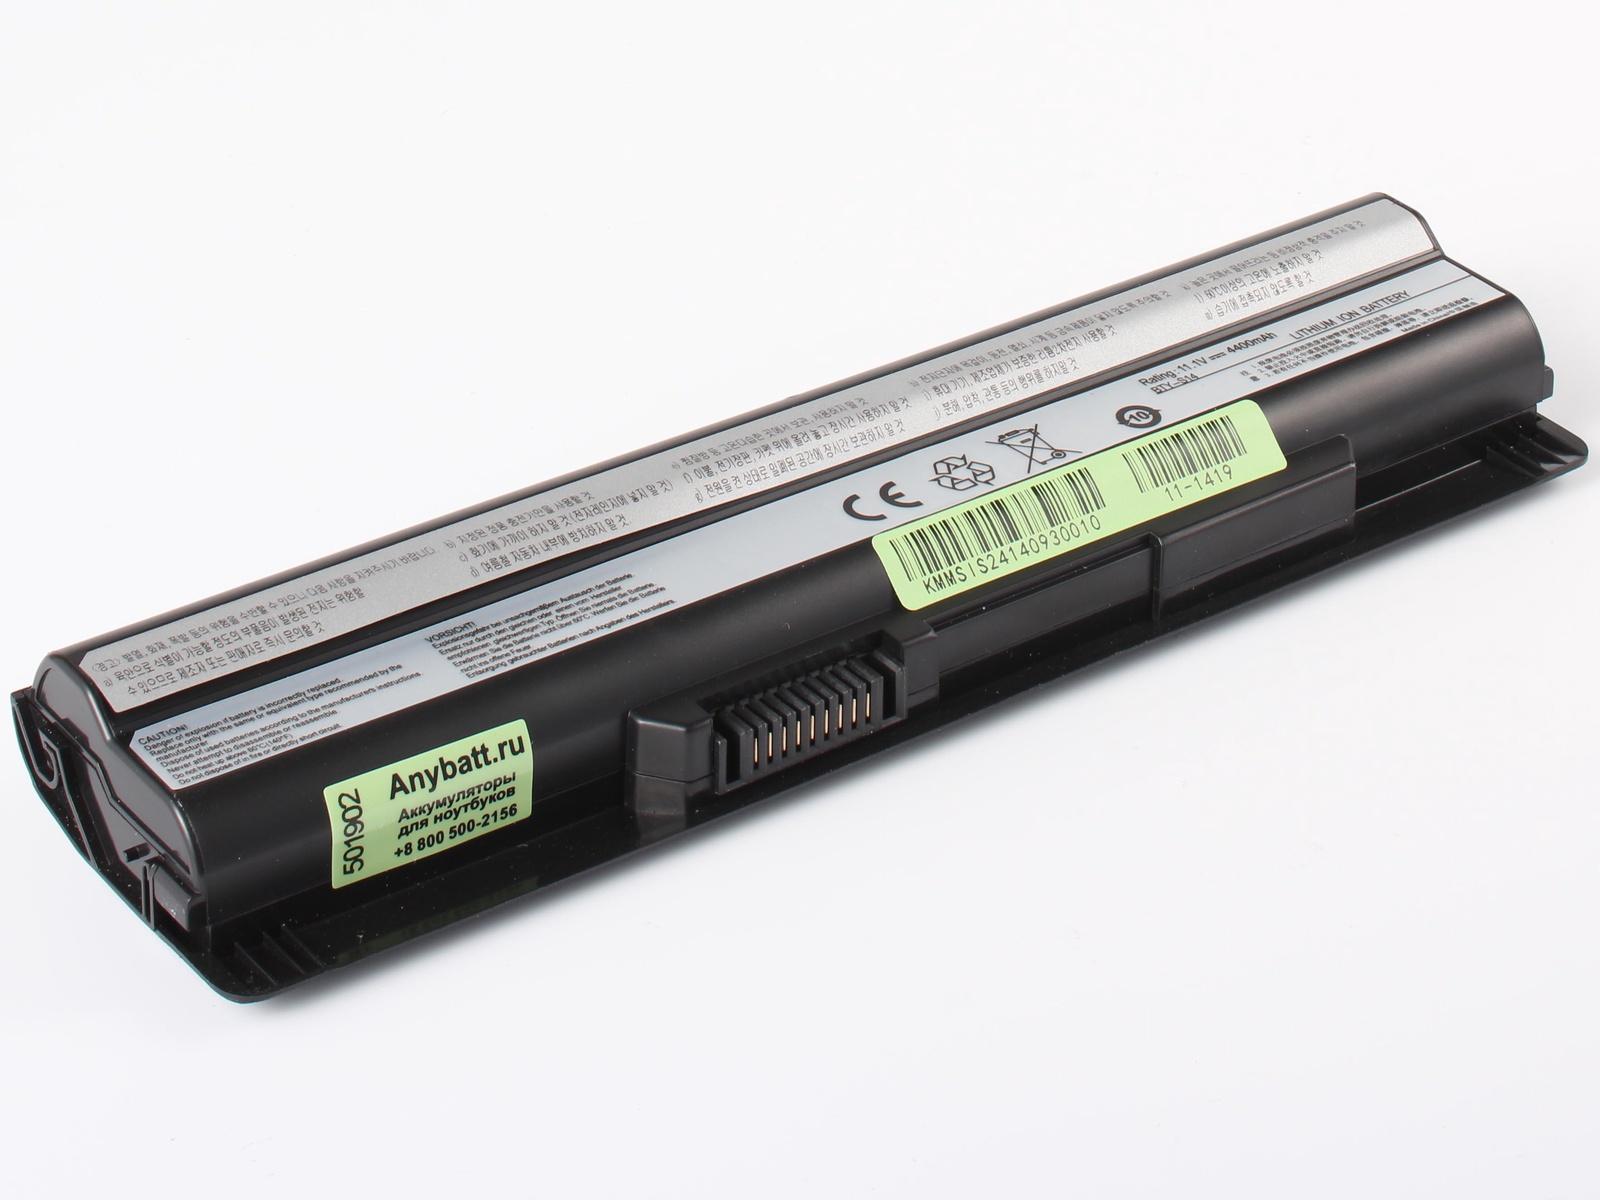 Аккумулятор для ноутбука AnyBatt MSI BTY-S14, BTY-S15, 40029231, E2MS110K2002